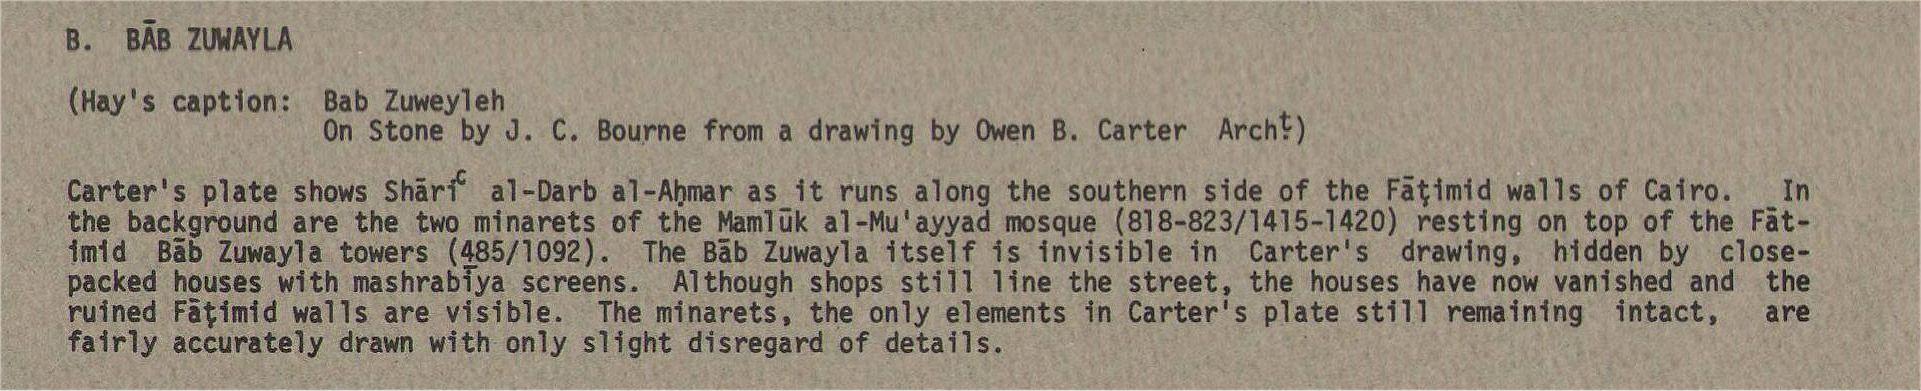 Description B